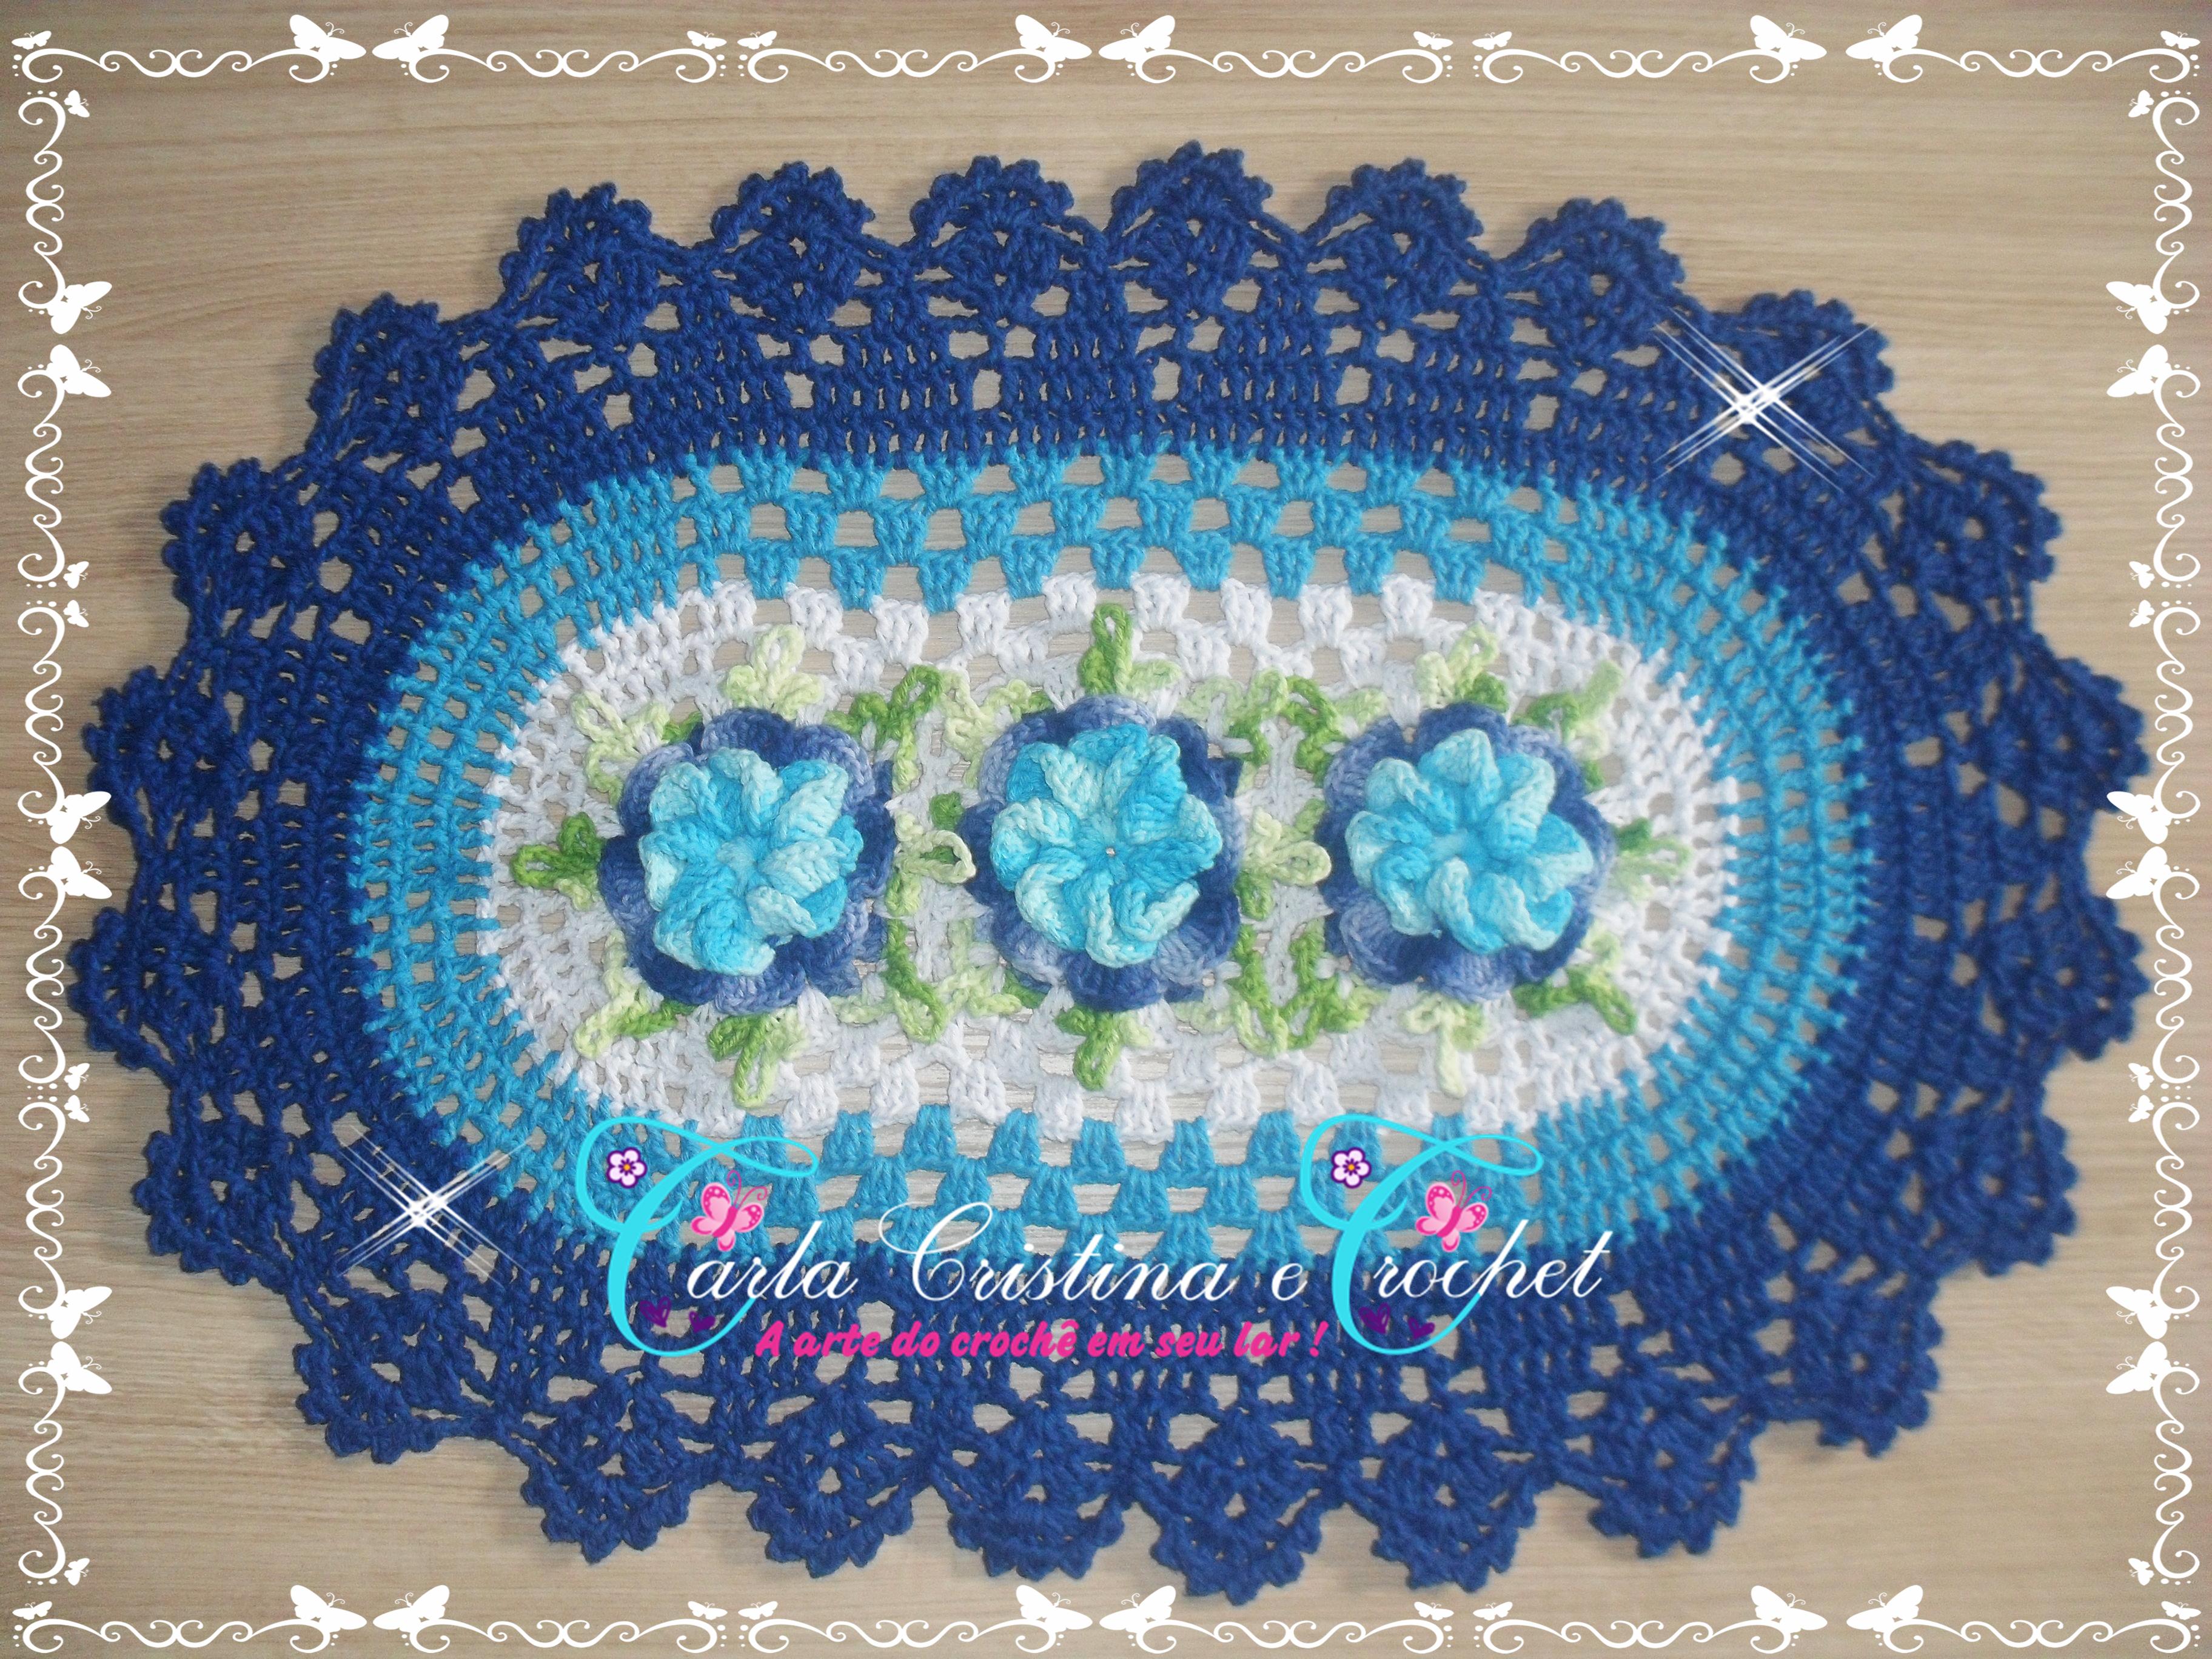 Tapete em Barbante Flor Caracol Azul carla cristina e crochet Elo7 #218EAA 3648x2736 Banheiro Azul